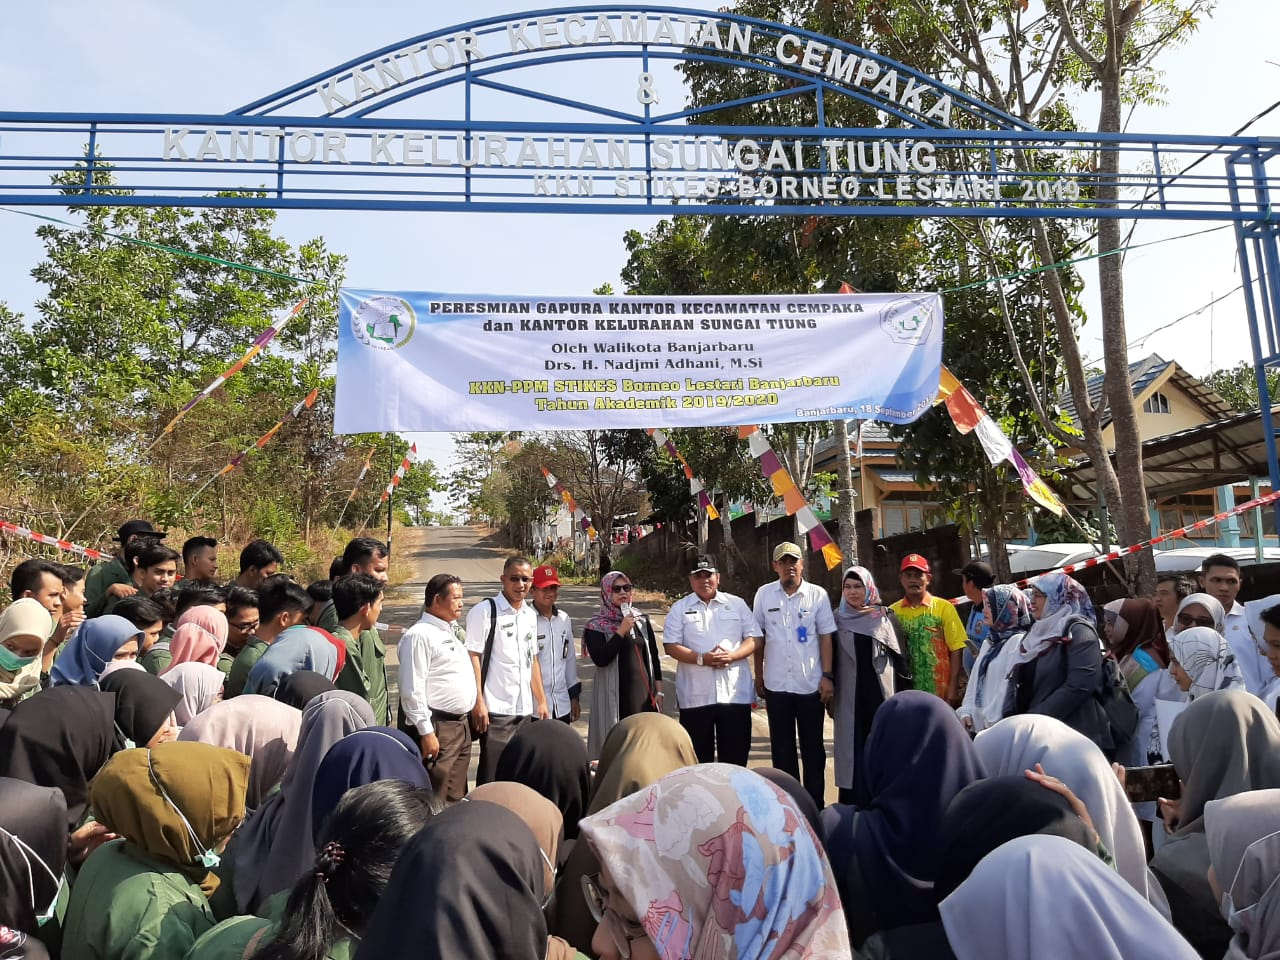 Peresmian Gapura Kantor Kecamatan Cempaka dan Kantor Kelurahan Sungai Tiung